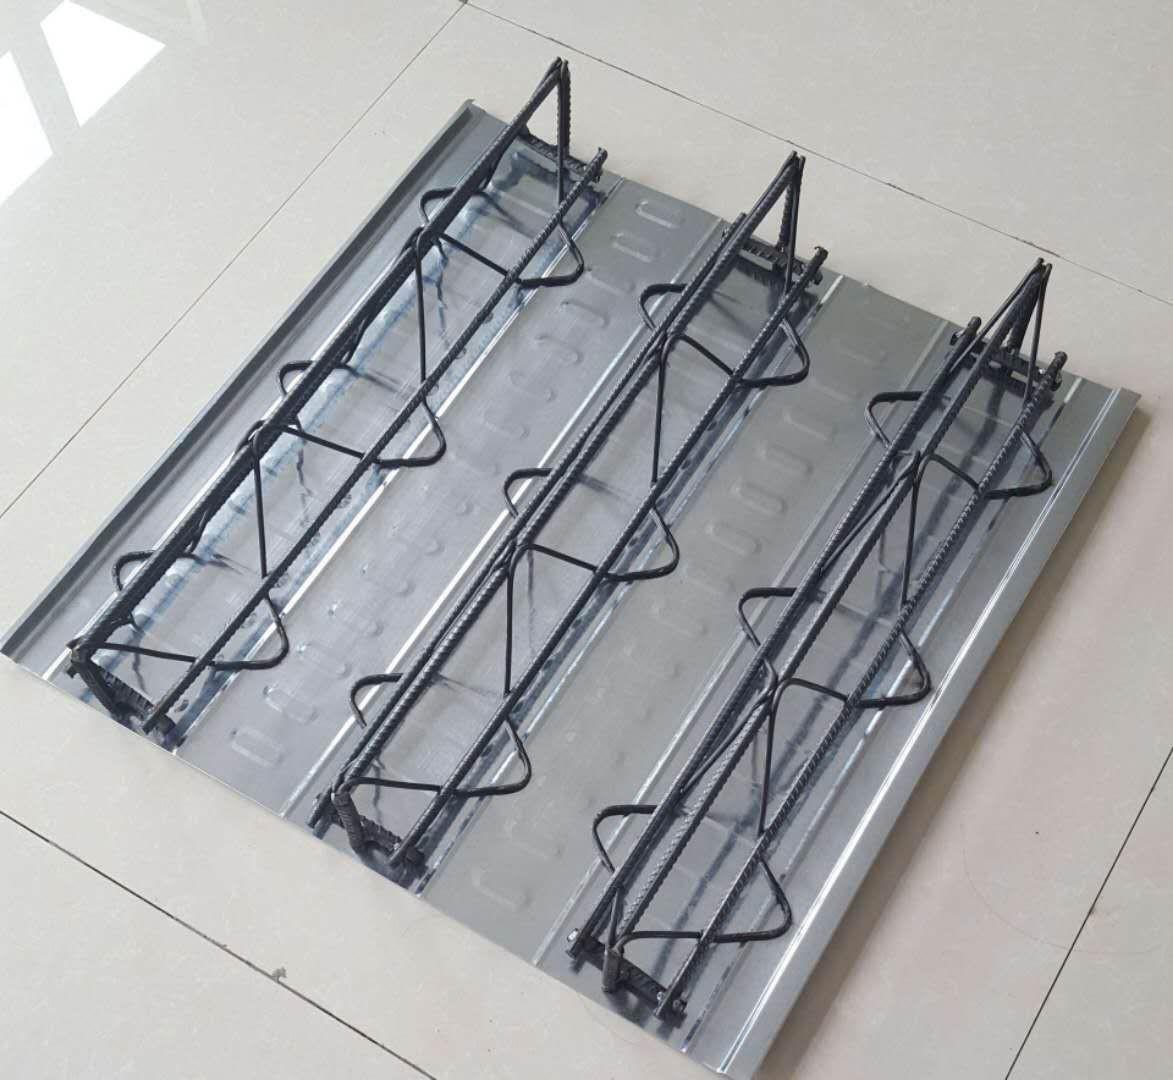 楼承板  科信达楼承板 TD1-110钢筋桁架楼承板